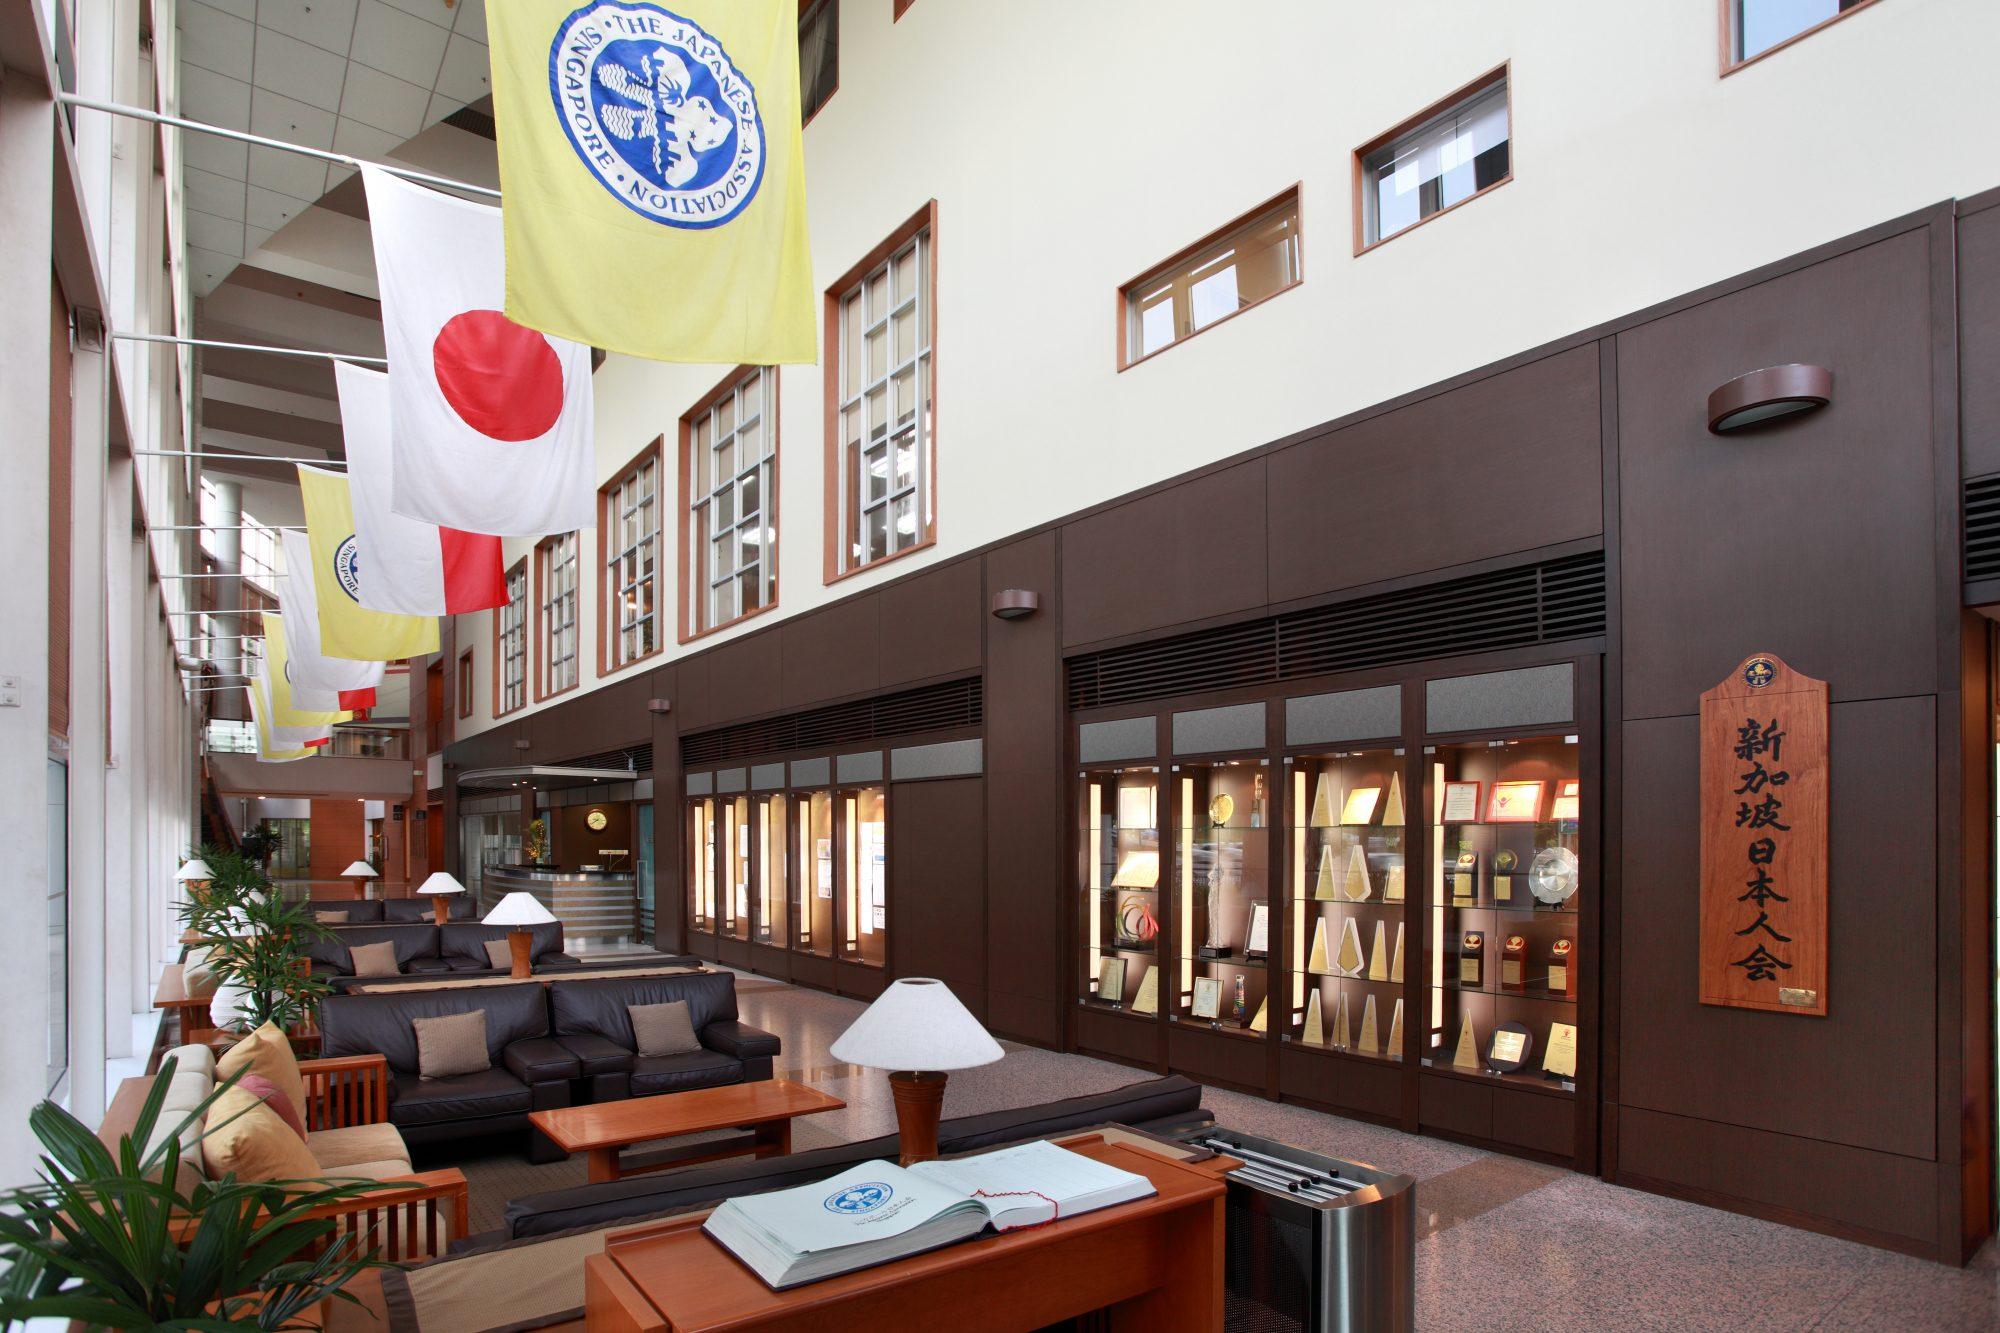 83 Interior Design Association In Singapore The Japanese Association Singapore Interior